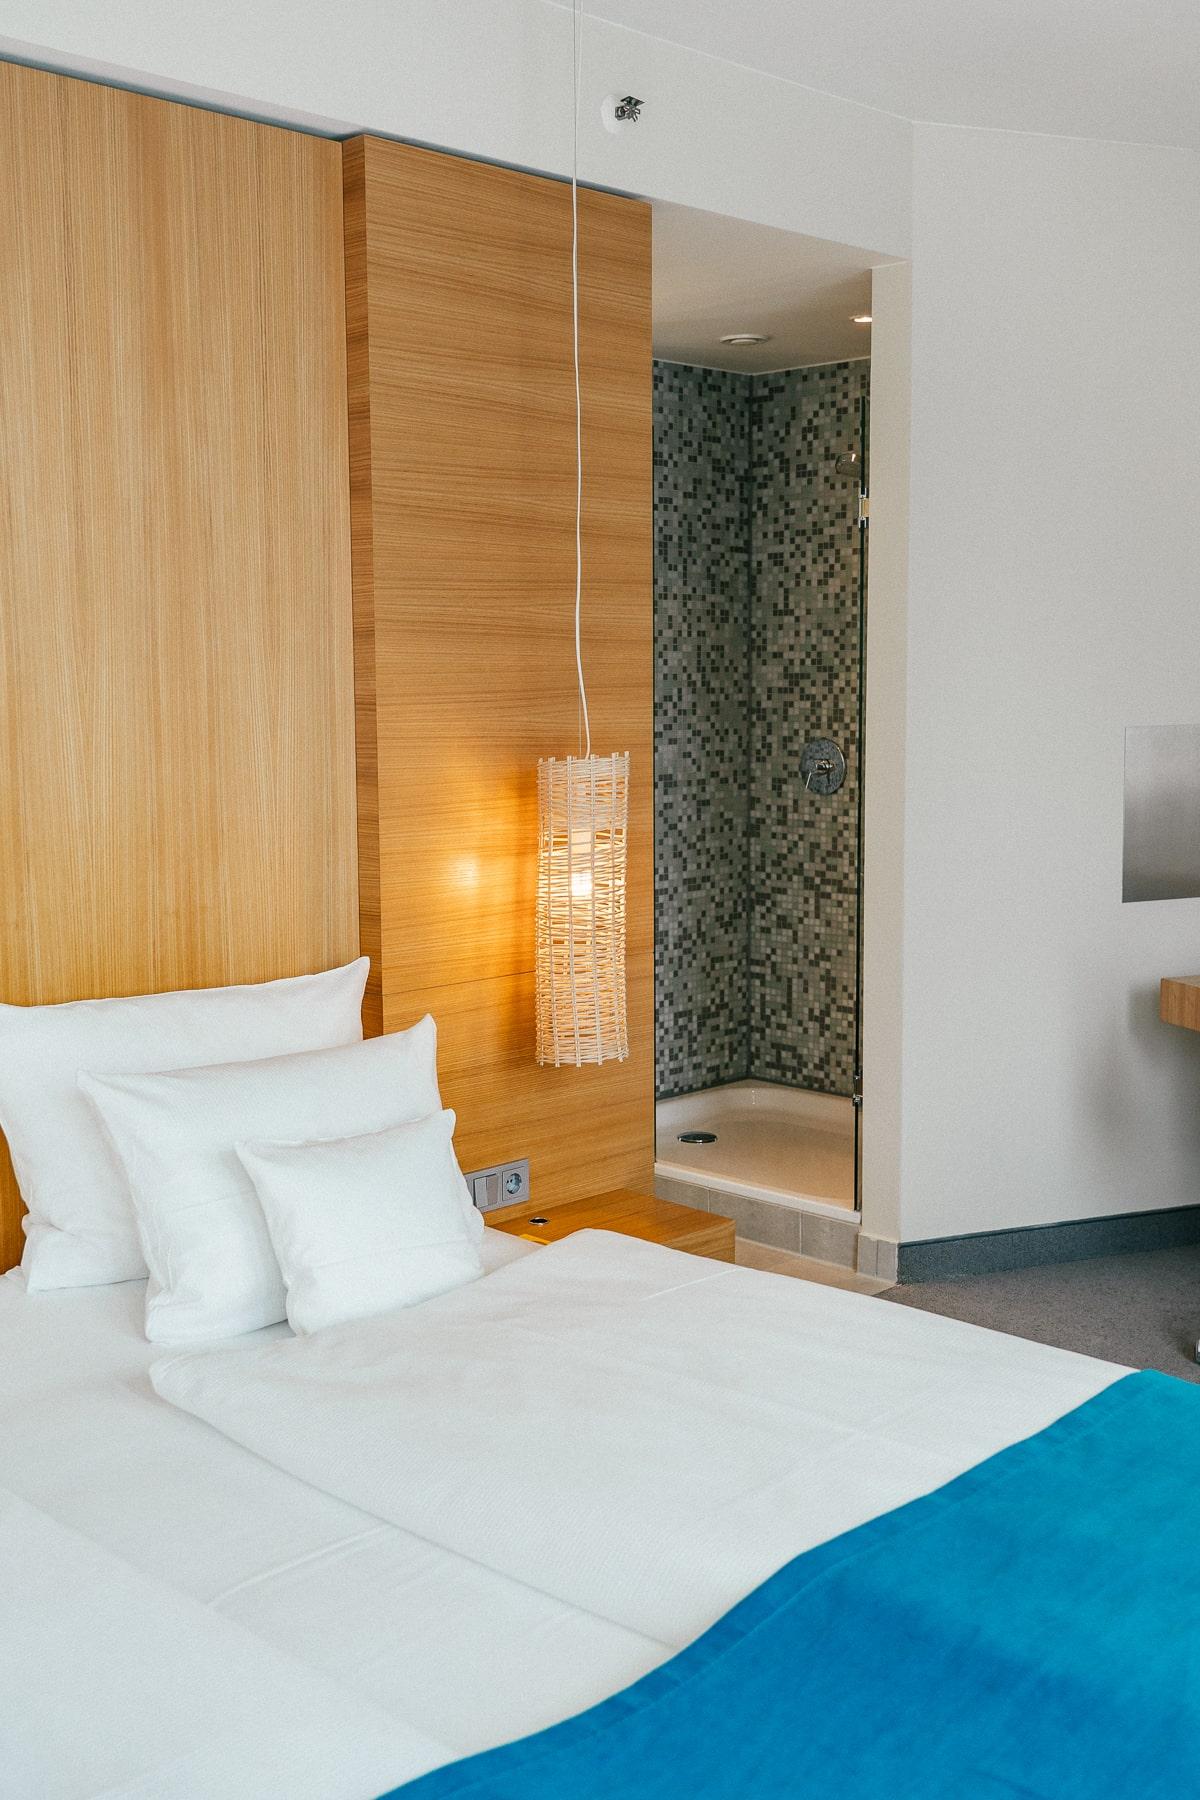 Lindner Hotel am Ku'Damm - Shoppingtipps für deinen Berlin Trip